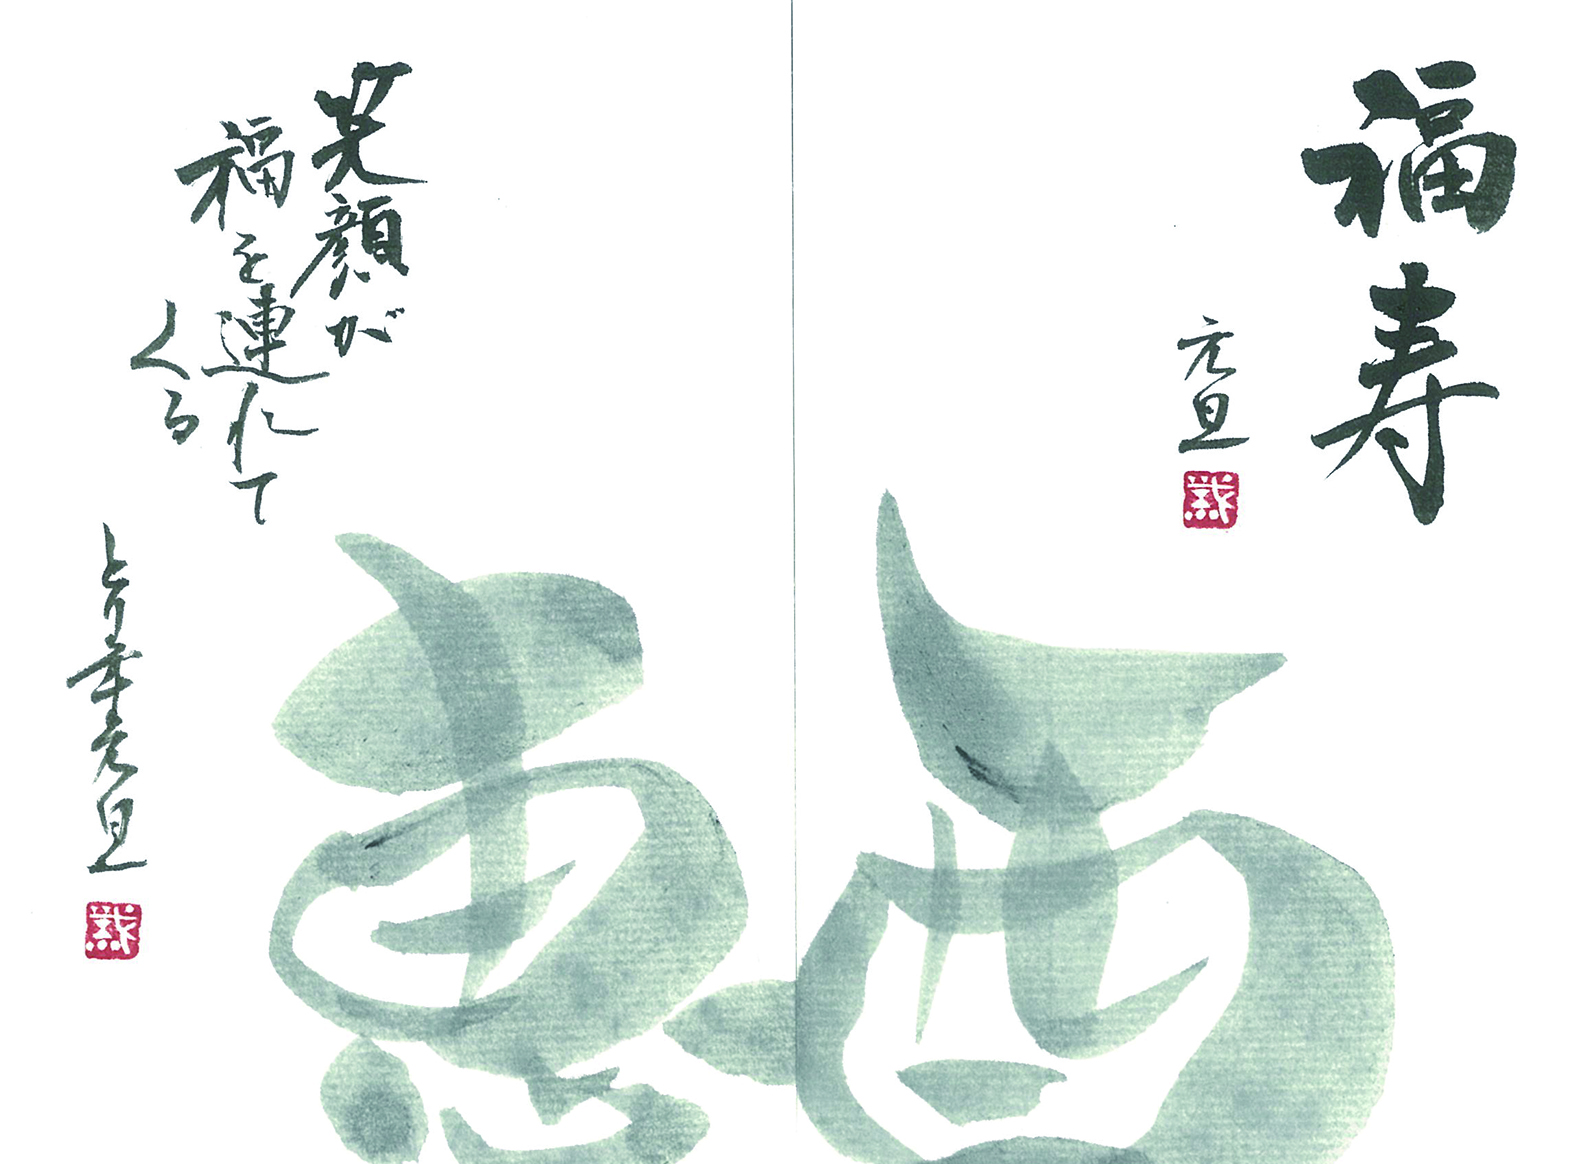 字手紙教室(ちいきカルチャー志津)